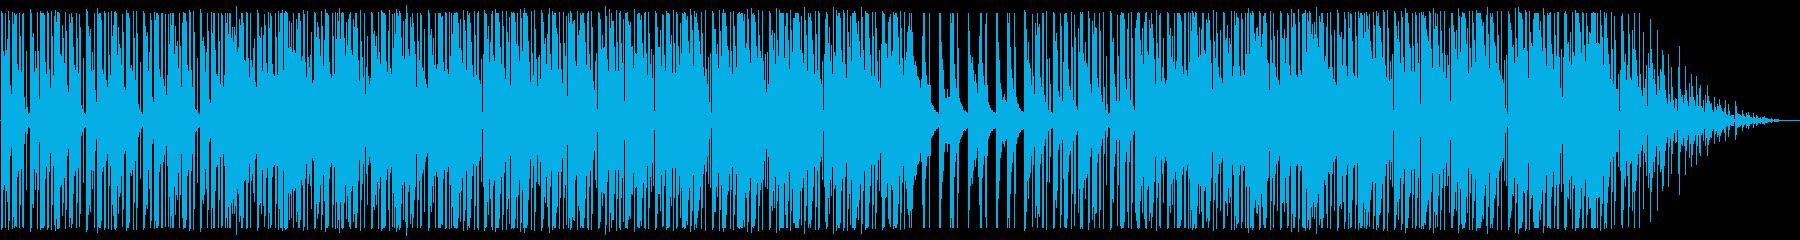 寂しい/ピアノ/R&B_No489_1の再生済みの波形